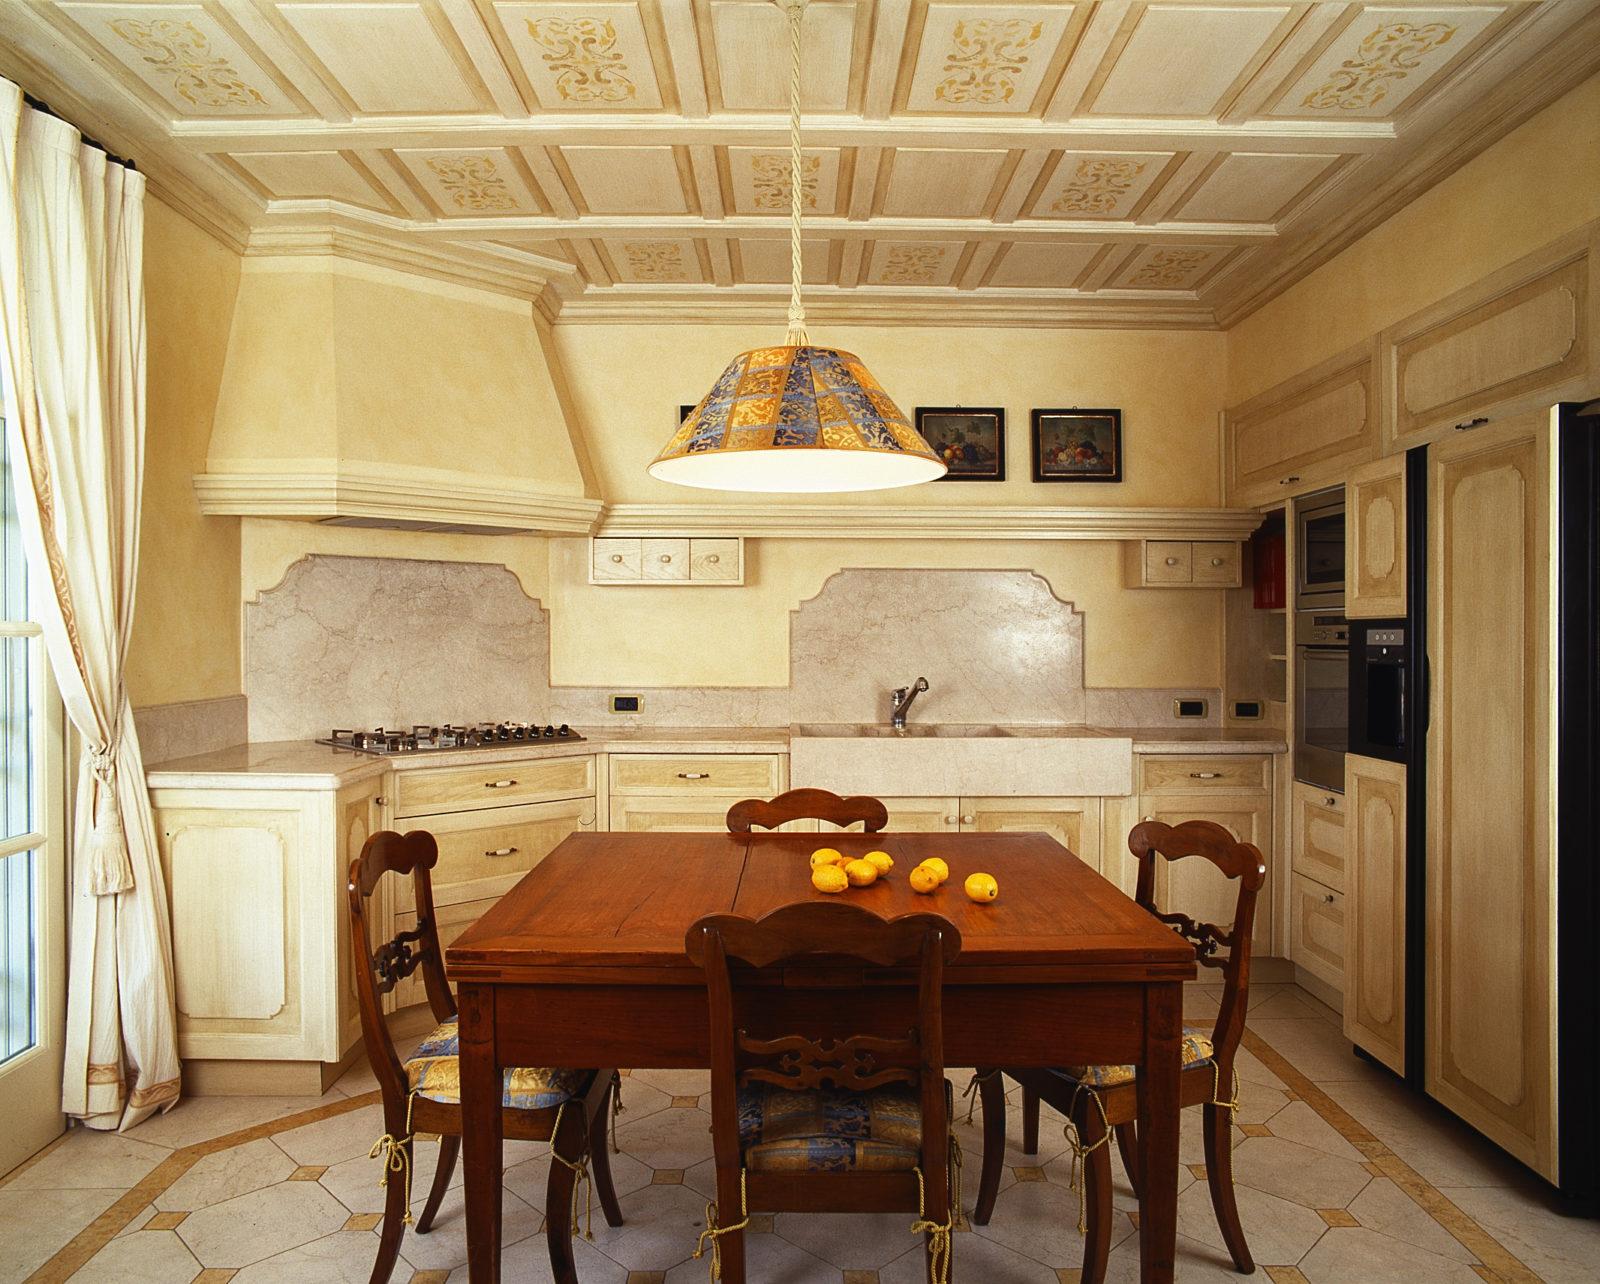 Cucine Su Misura Brescia cucine in legno su misura a brescia | falegnameria maestri